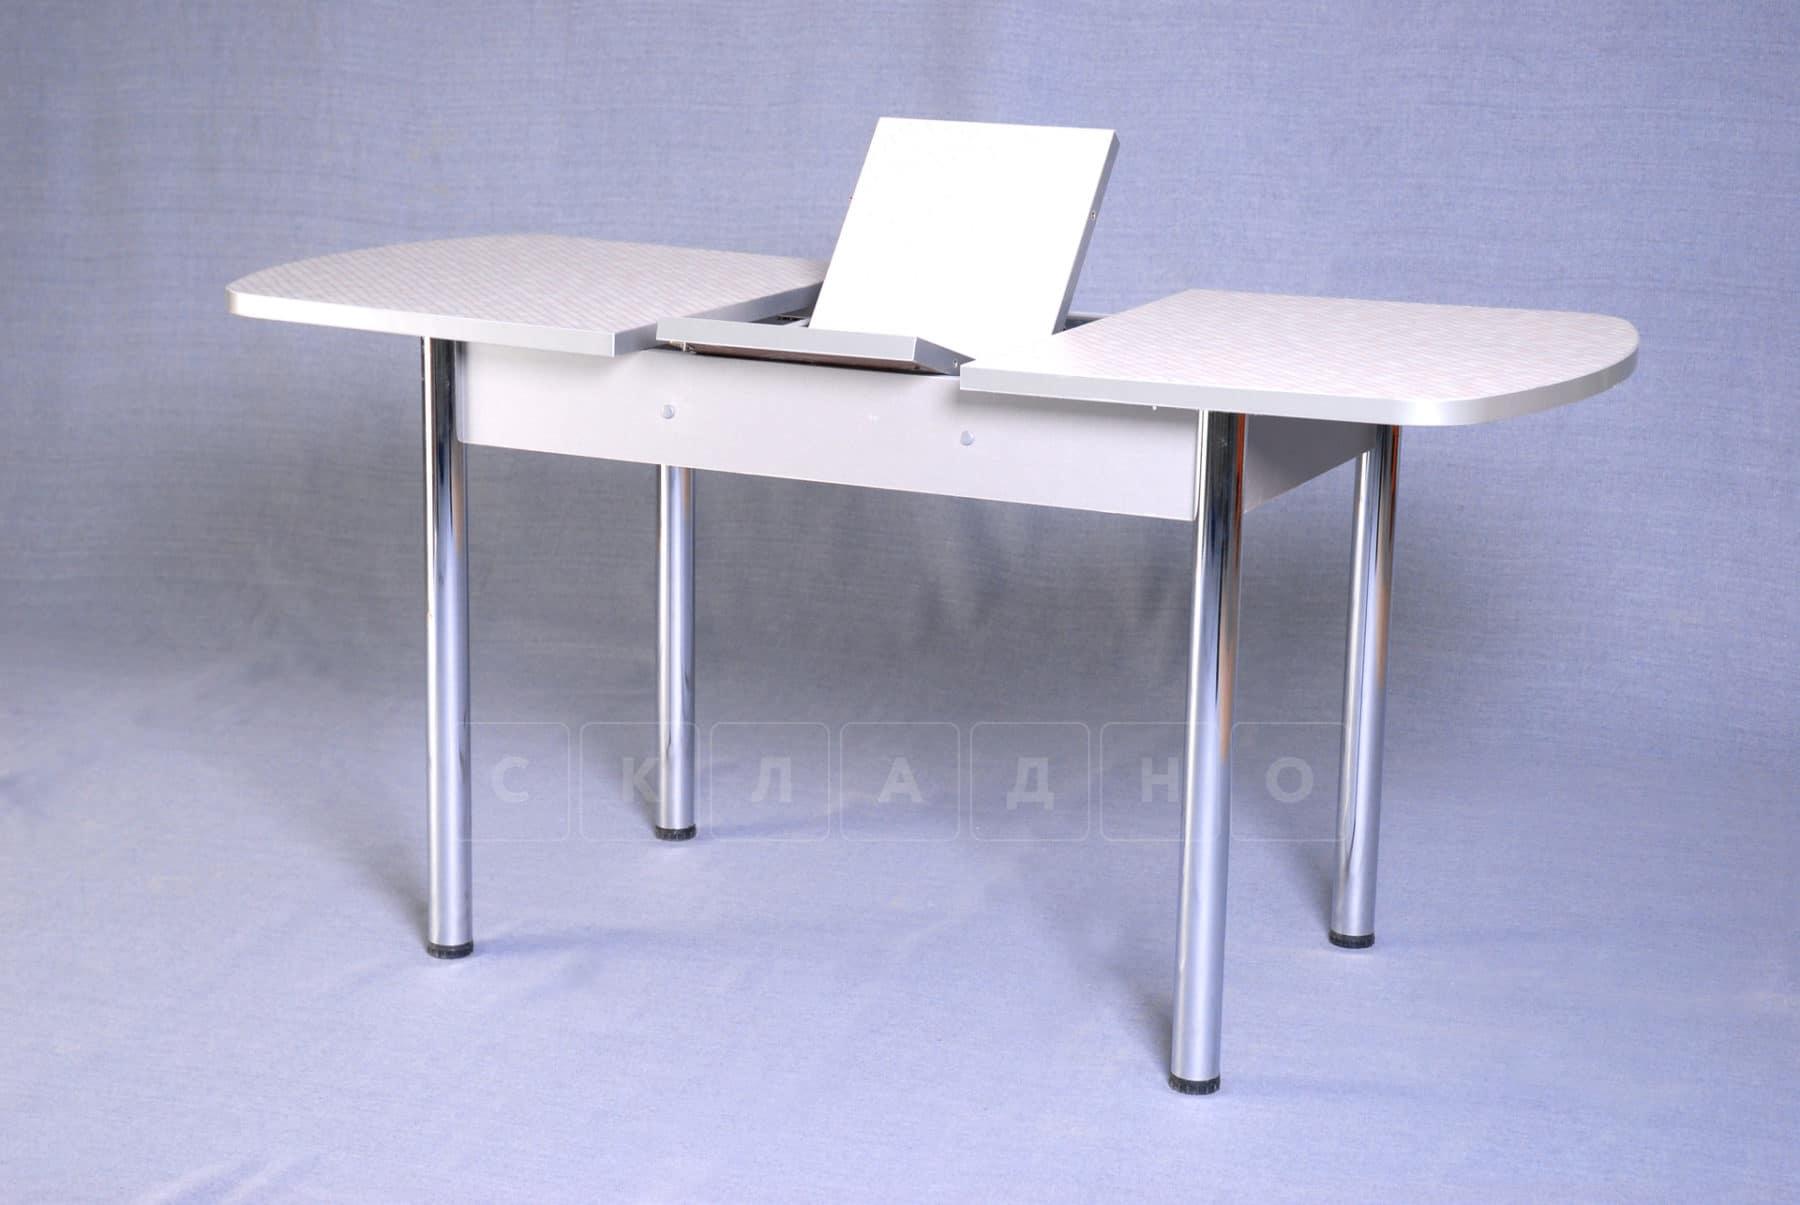 Стол обеденный раздвижной на хромированных ножках 150х70 фото 3 | интернет-магазин Складно